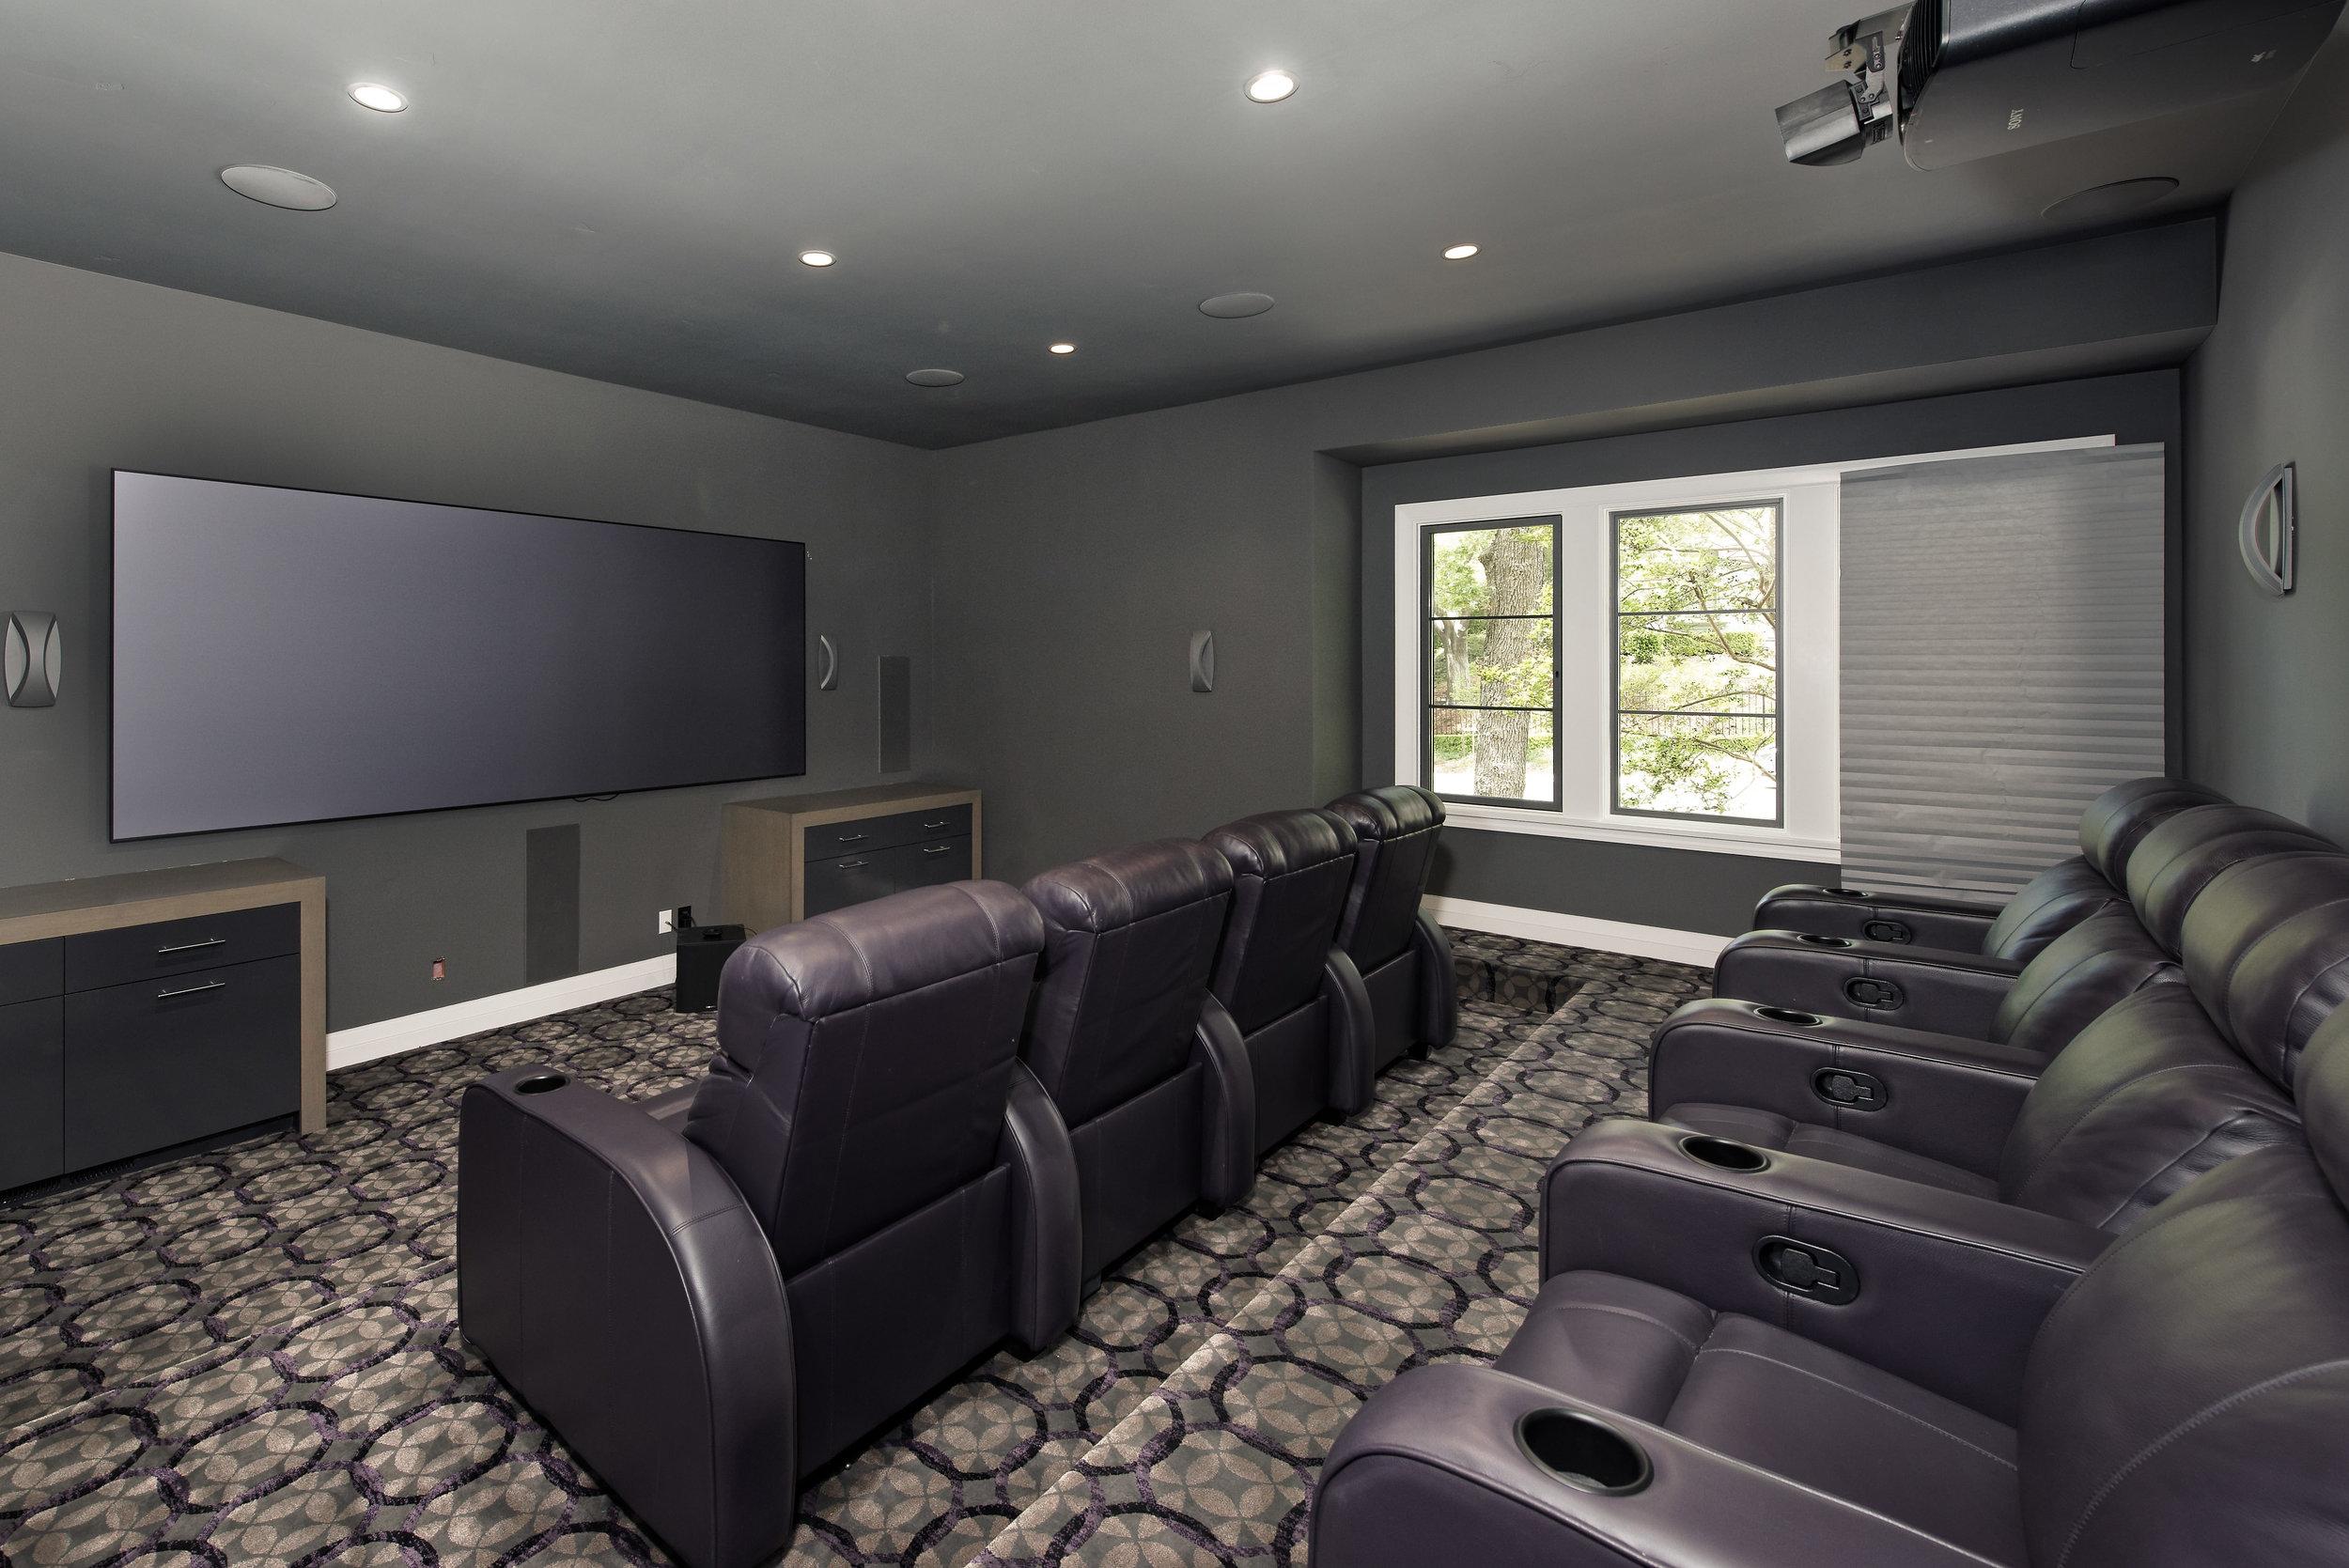 20_media room.jpg